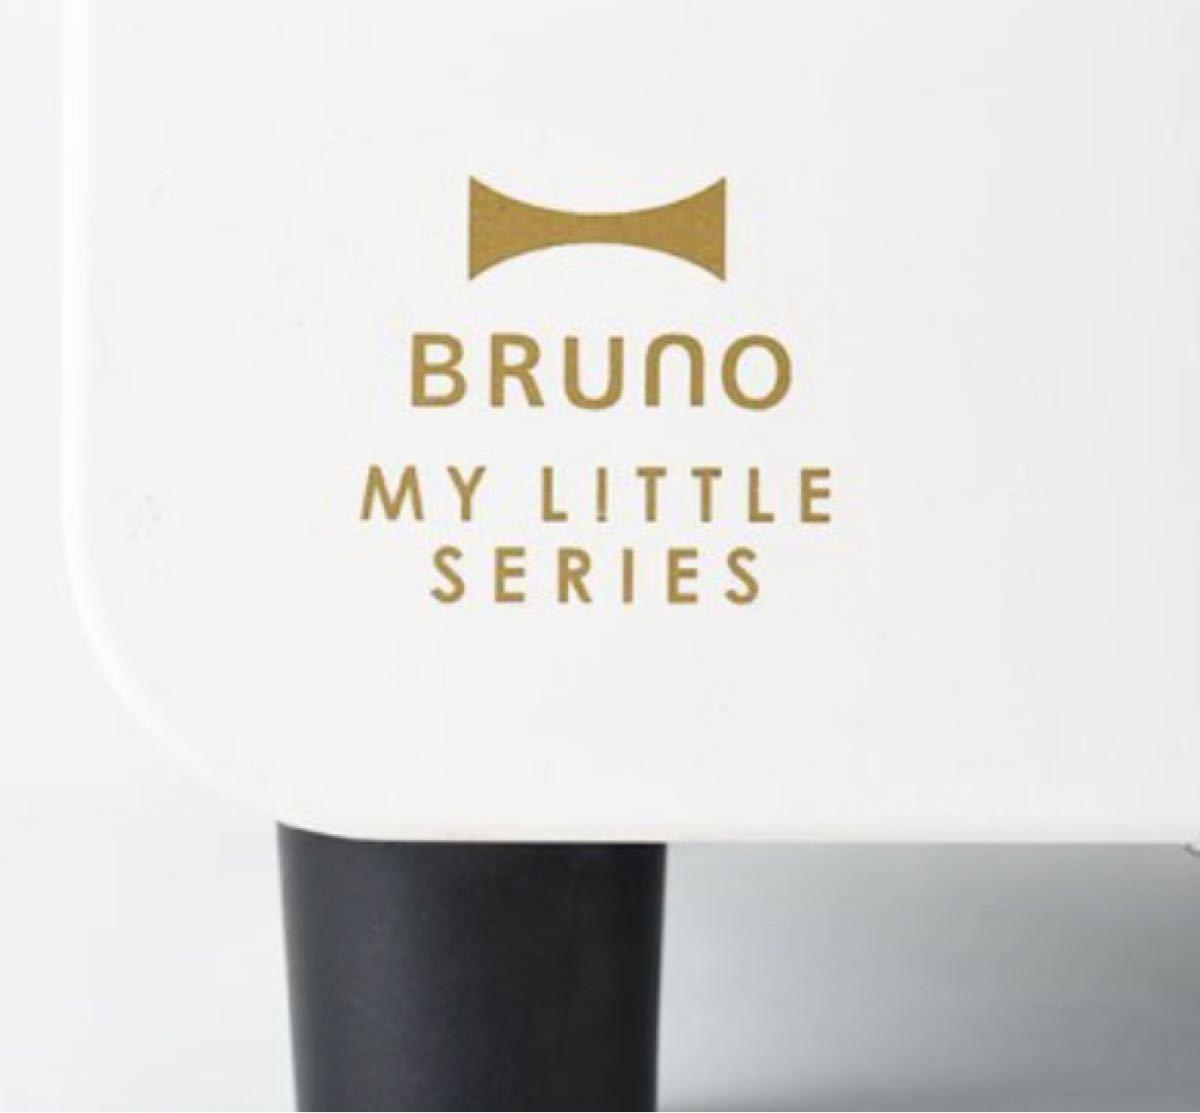 ブルーノ BRUNO ミニトースター コンパクト